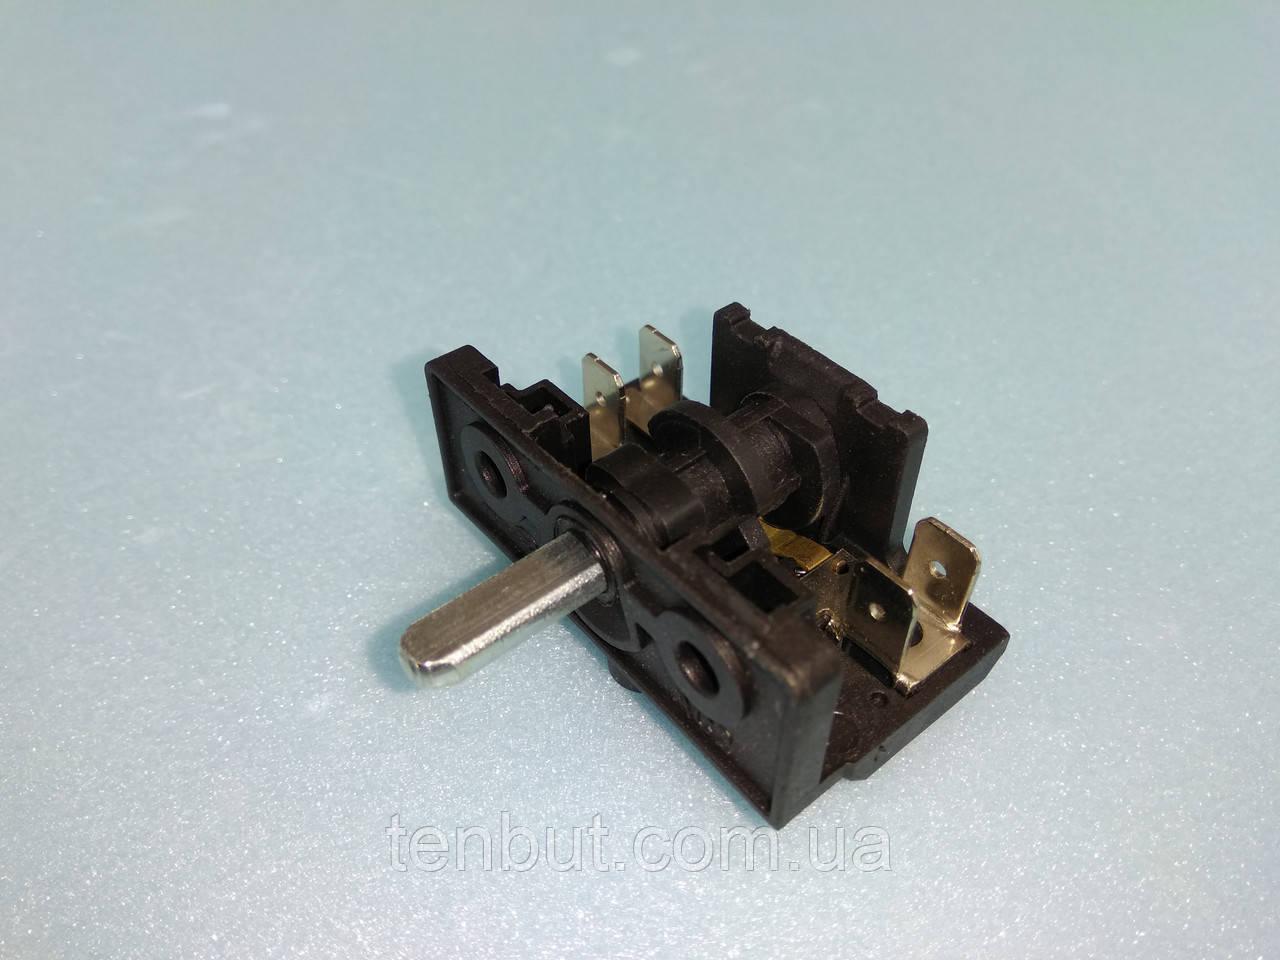 Переключатель для электродуховок АС 201 ( В ) / 4-х позиционный клемы вверх производство Турция